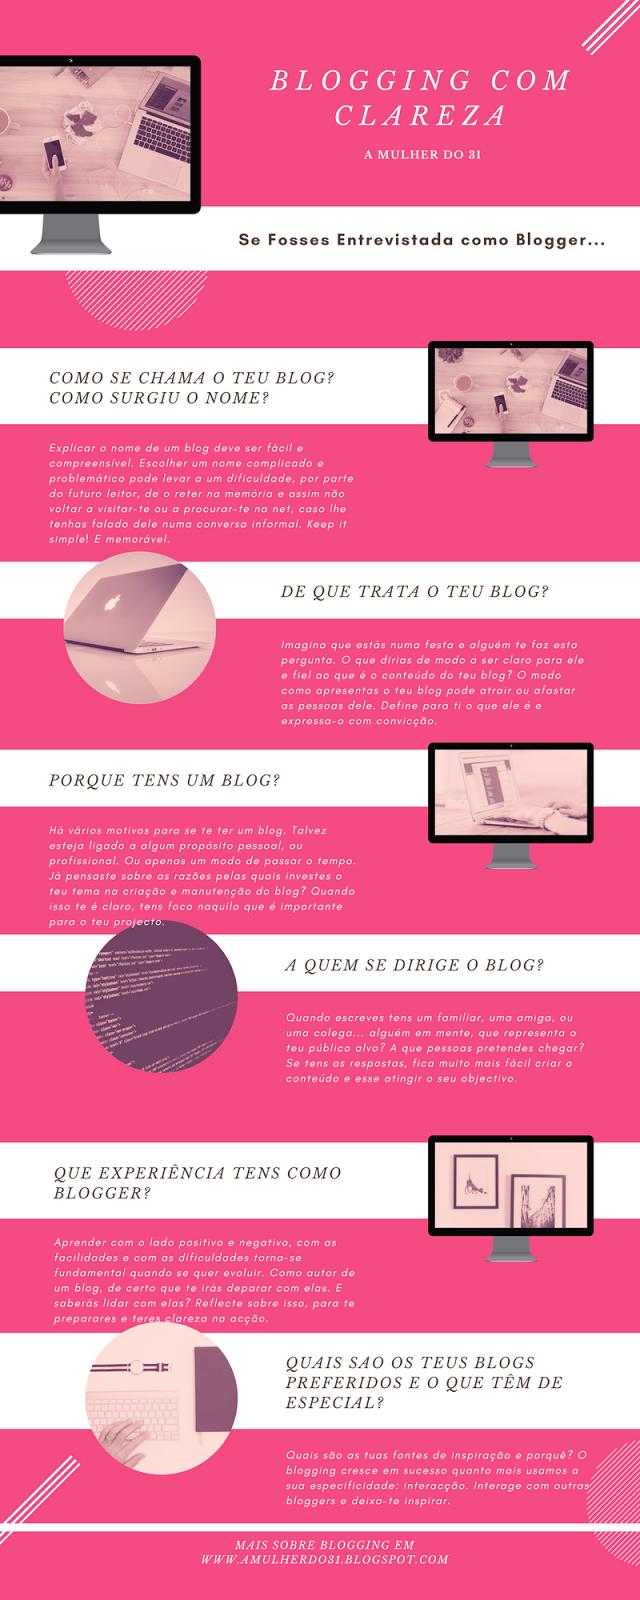 Uma infografia com perguntas para trazer mais clareza ao processo de blogging